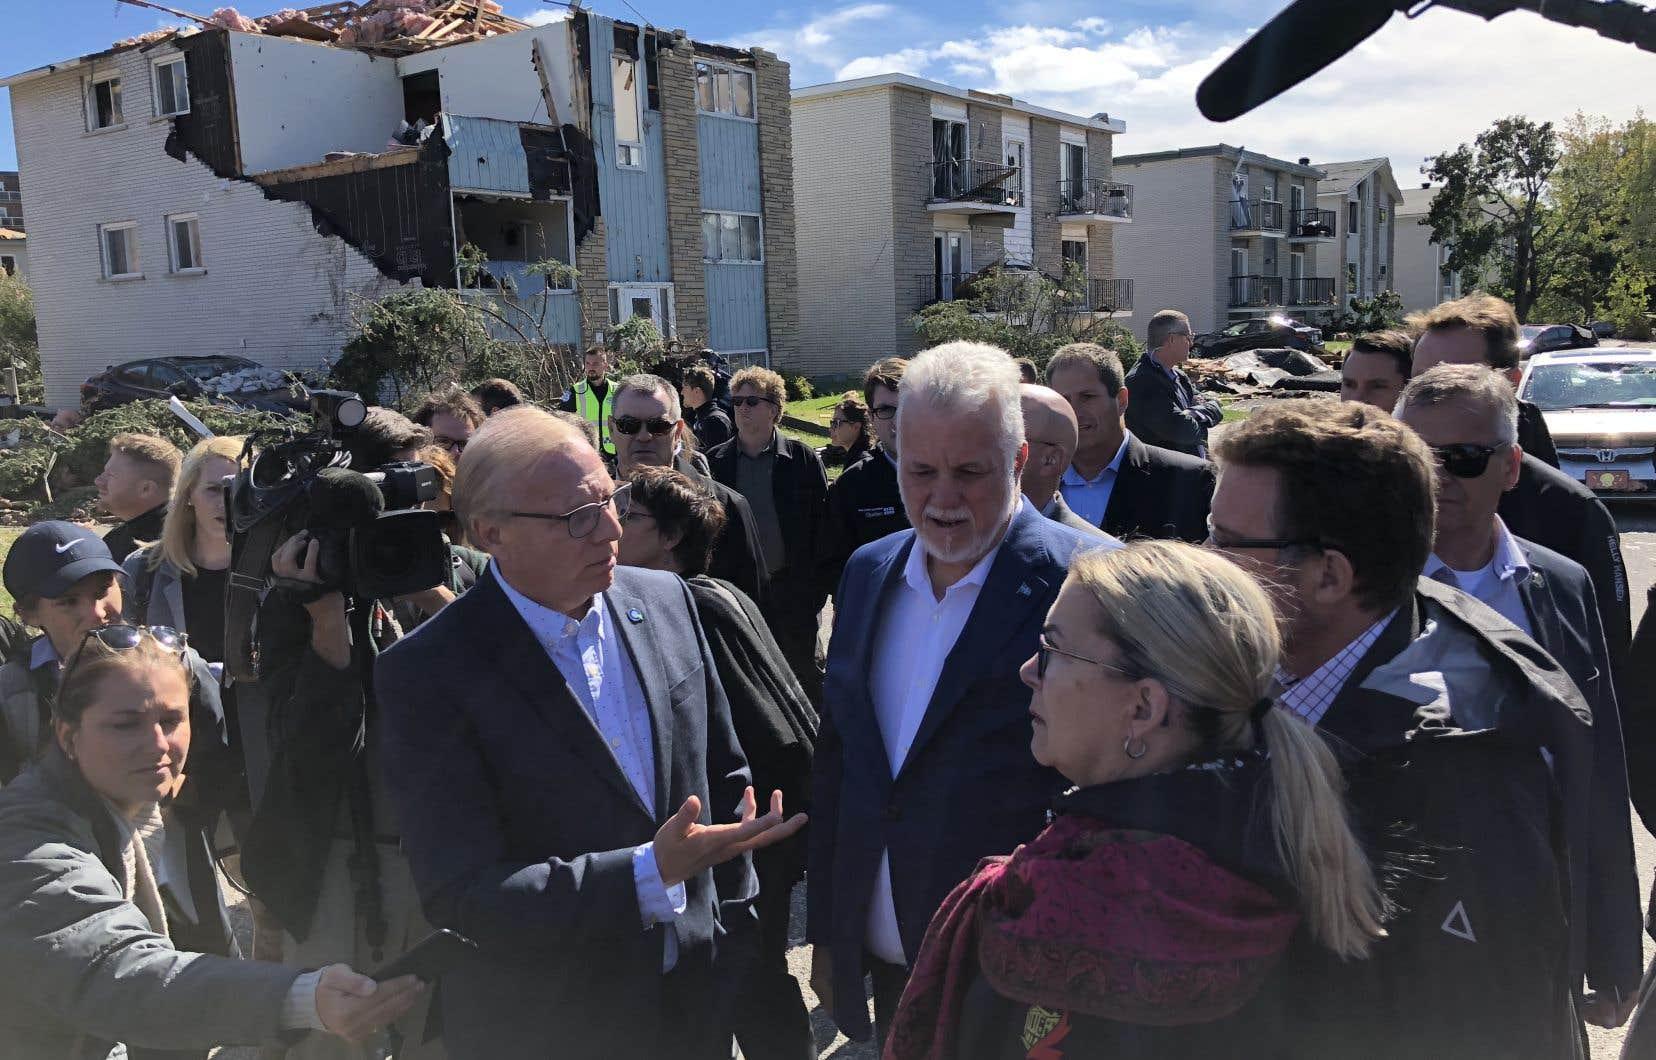 Le premier ministre doit tenir un point de presse en compagnie du ministre des Affaires municipales, Martin Coiteux.Jean-François Lisée devrait aussi y participer, selon les informations transmises par le PQ.